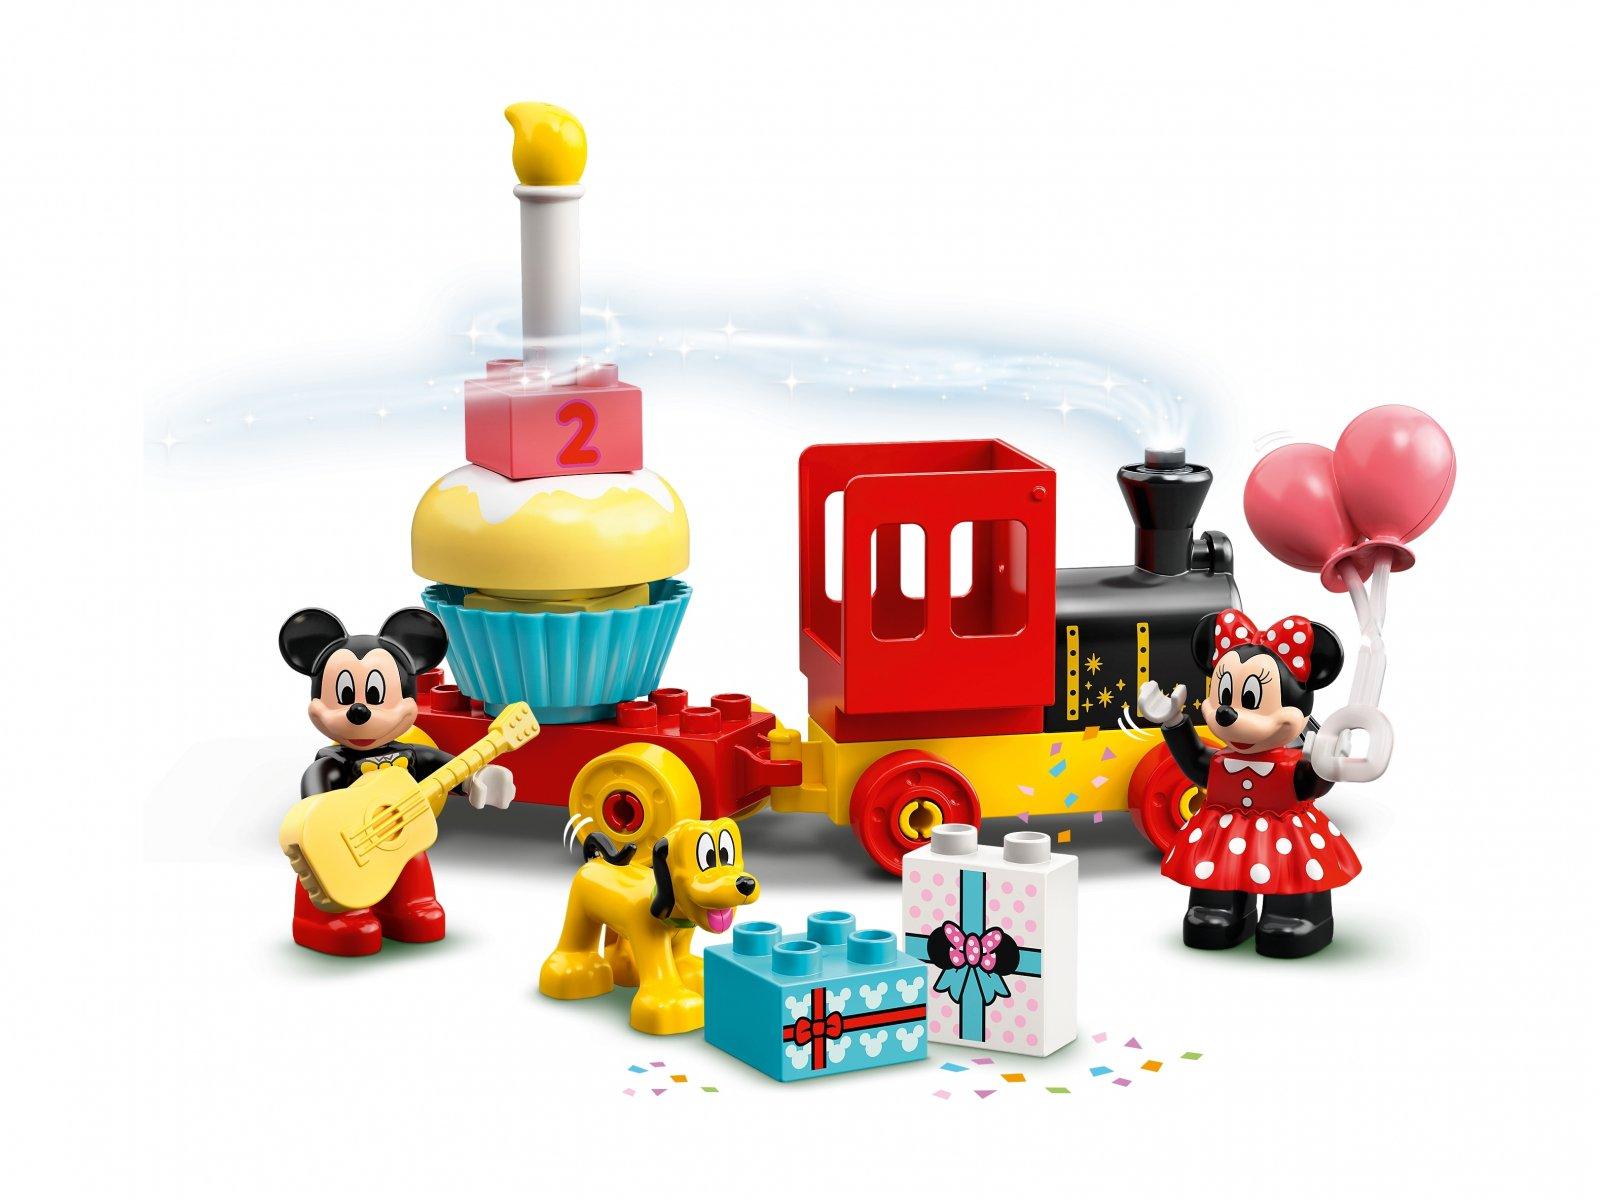 LEGO Duplo® 10941 Urodzinowy pociąg myszek Miki i Minnie